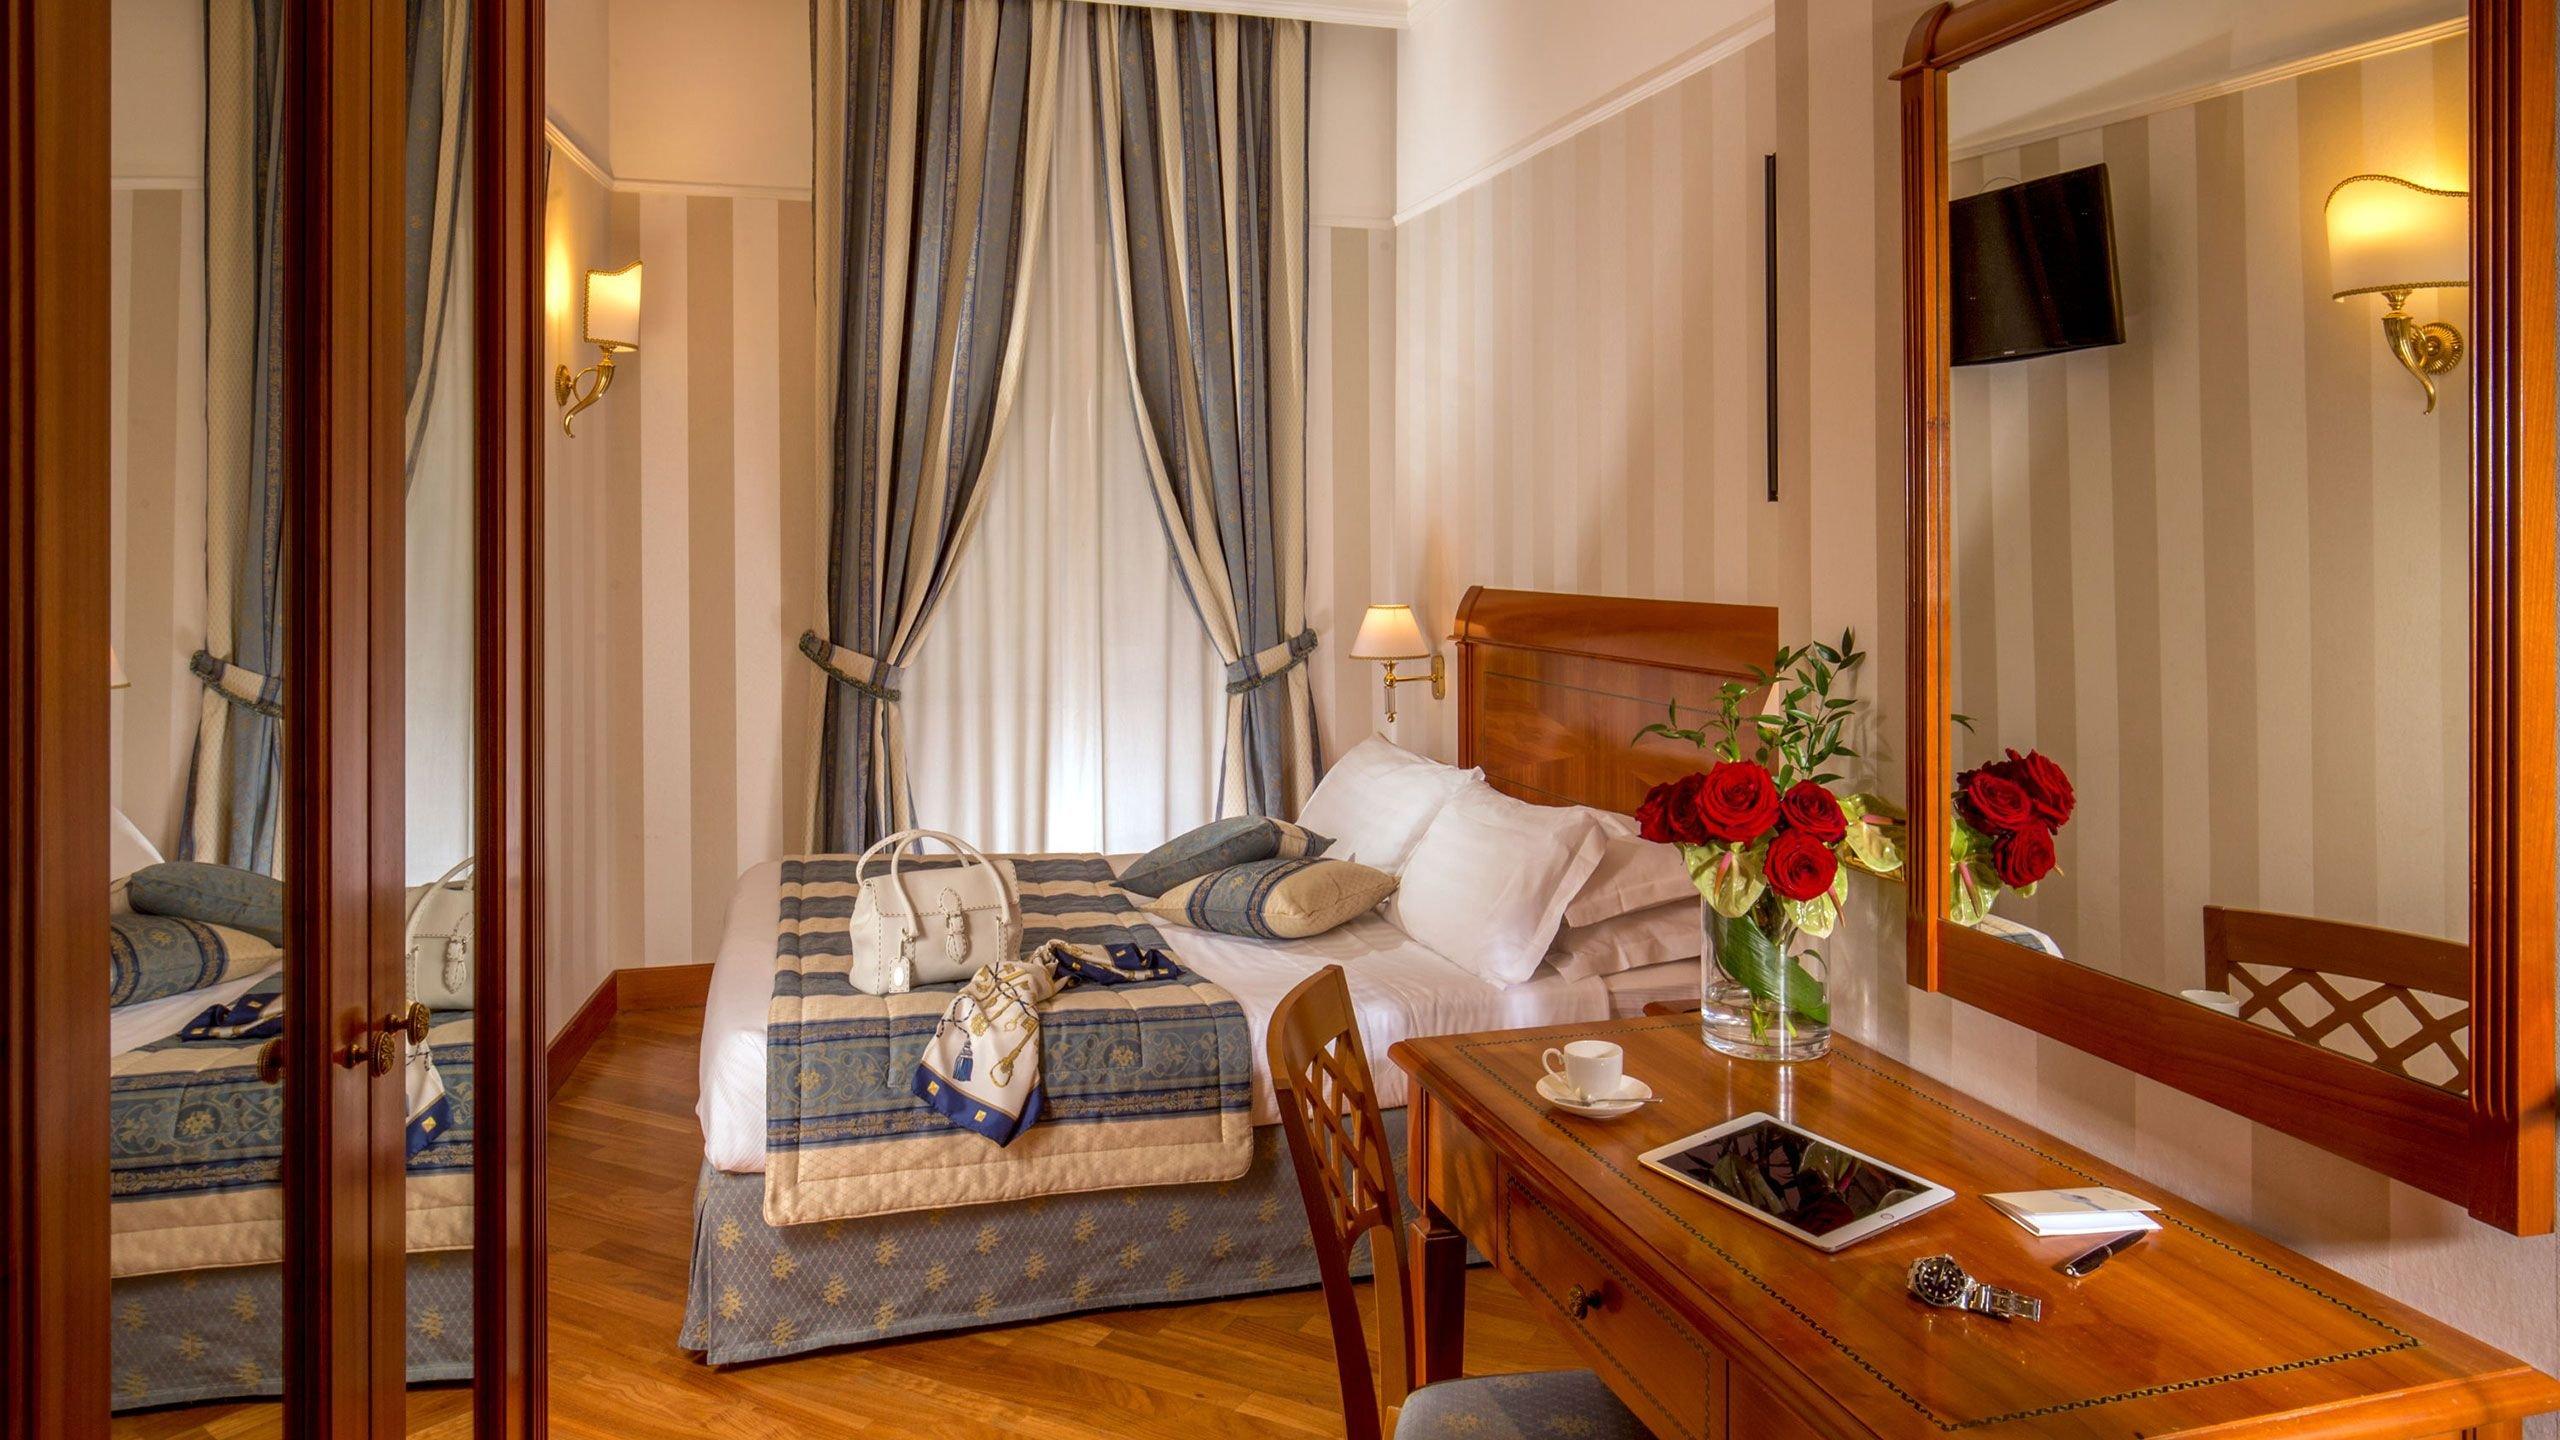 albergo-ottocento-rome-double-room-classic-01